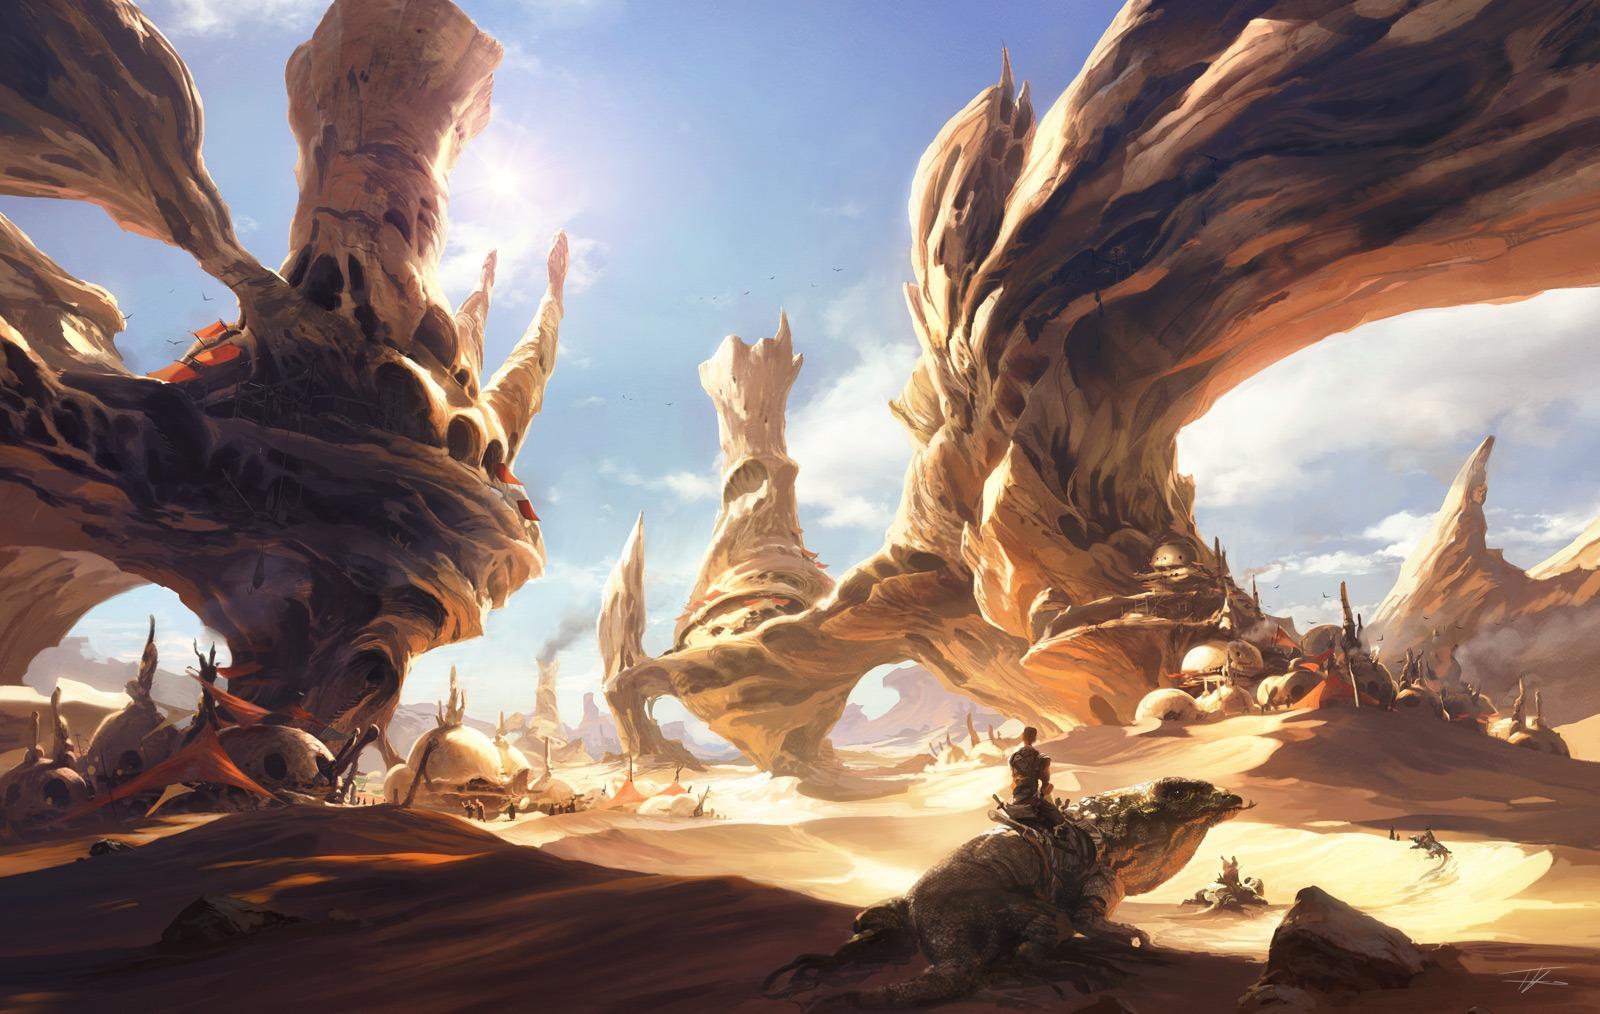 Fantasy Art Desert Landscapes Image Fantasy Art Desert